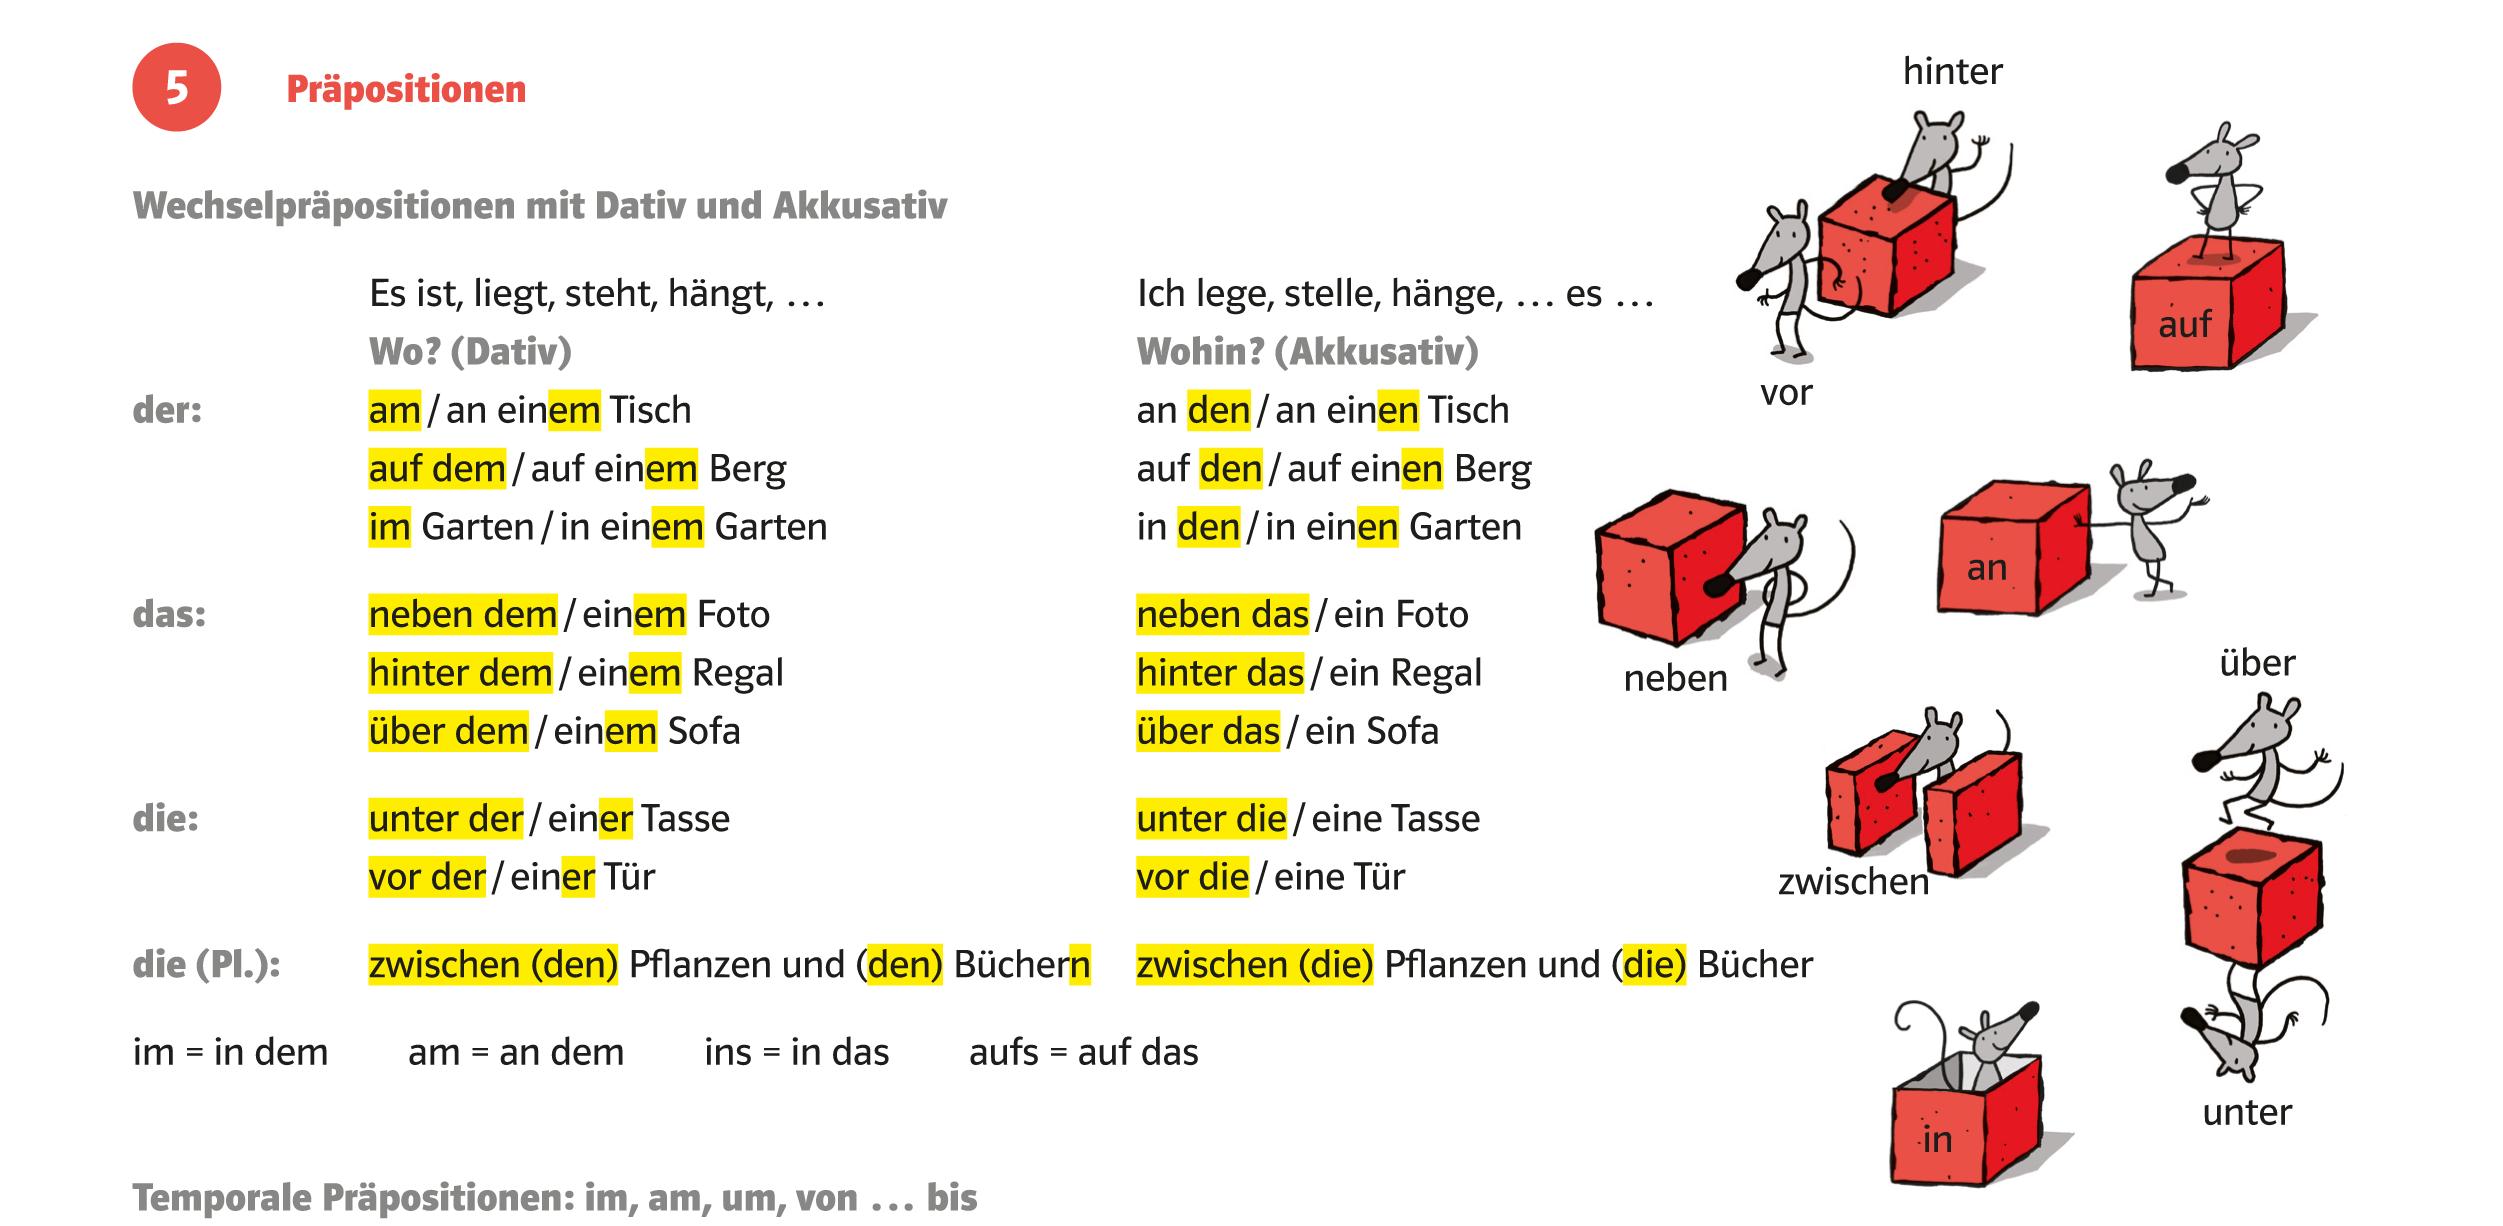 Картинки гирями, немецкие предлоги в картинках